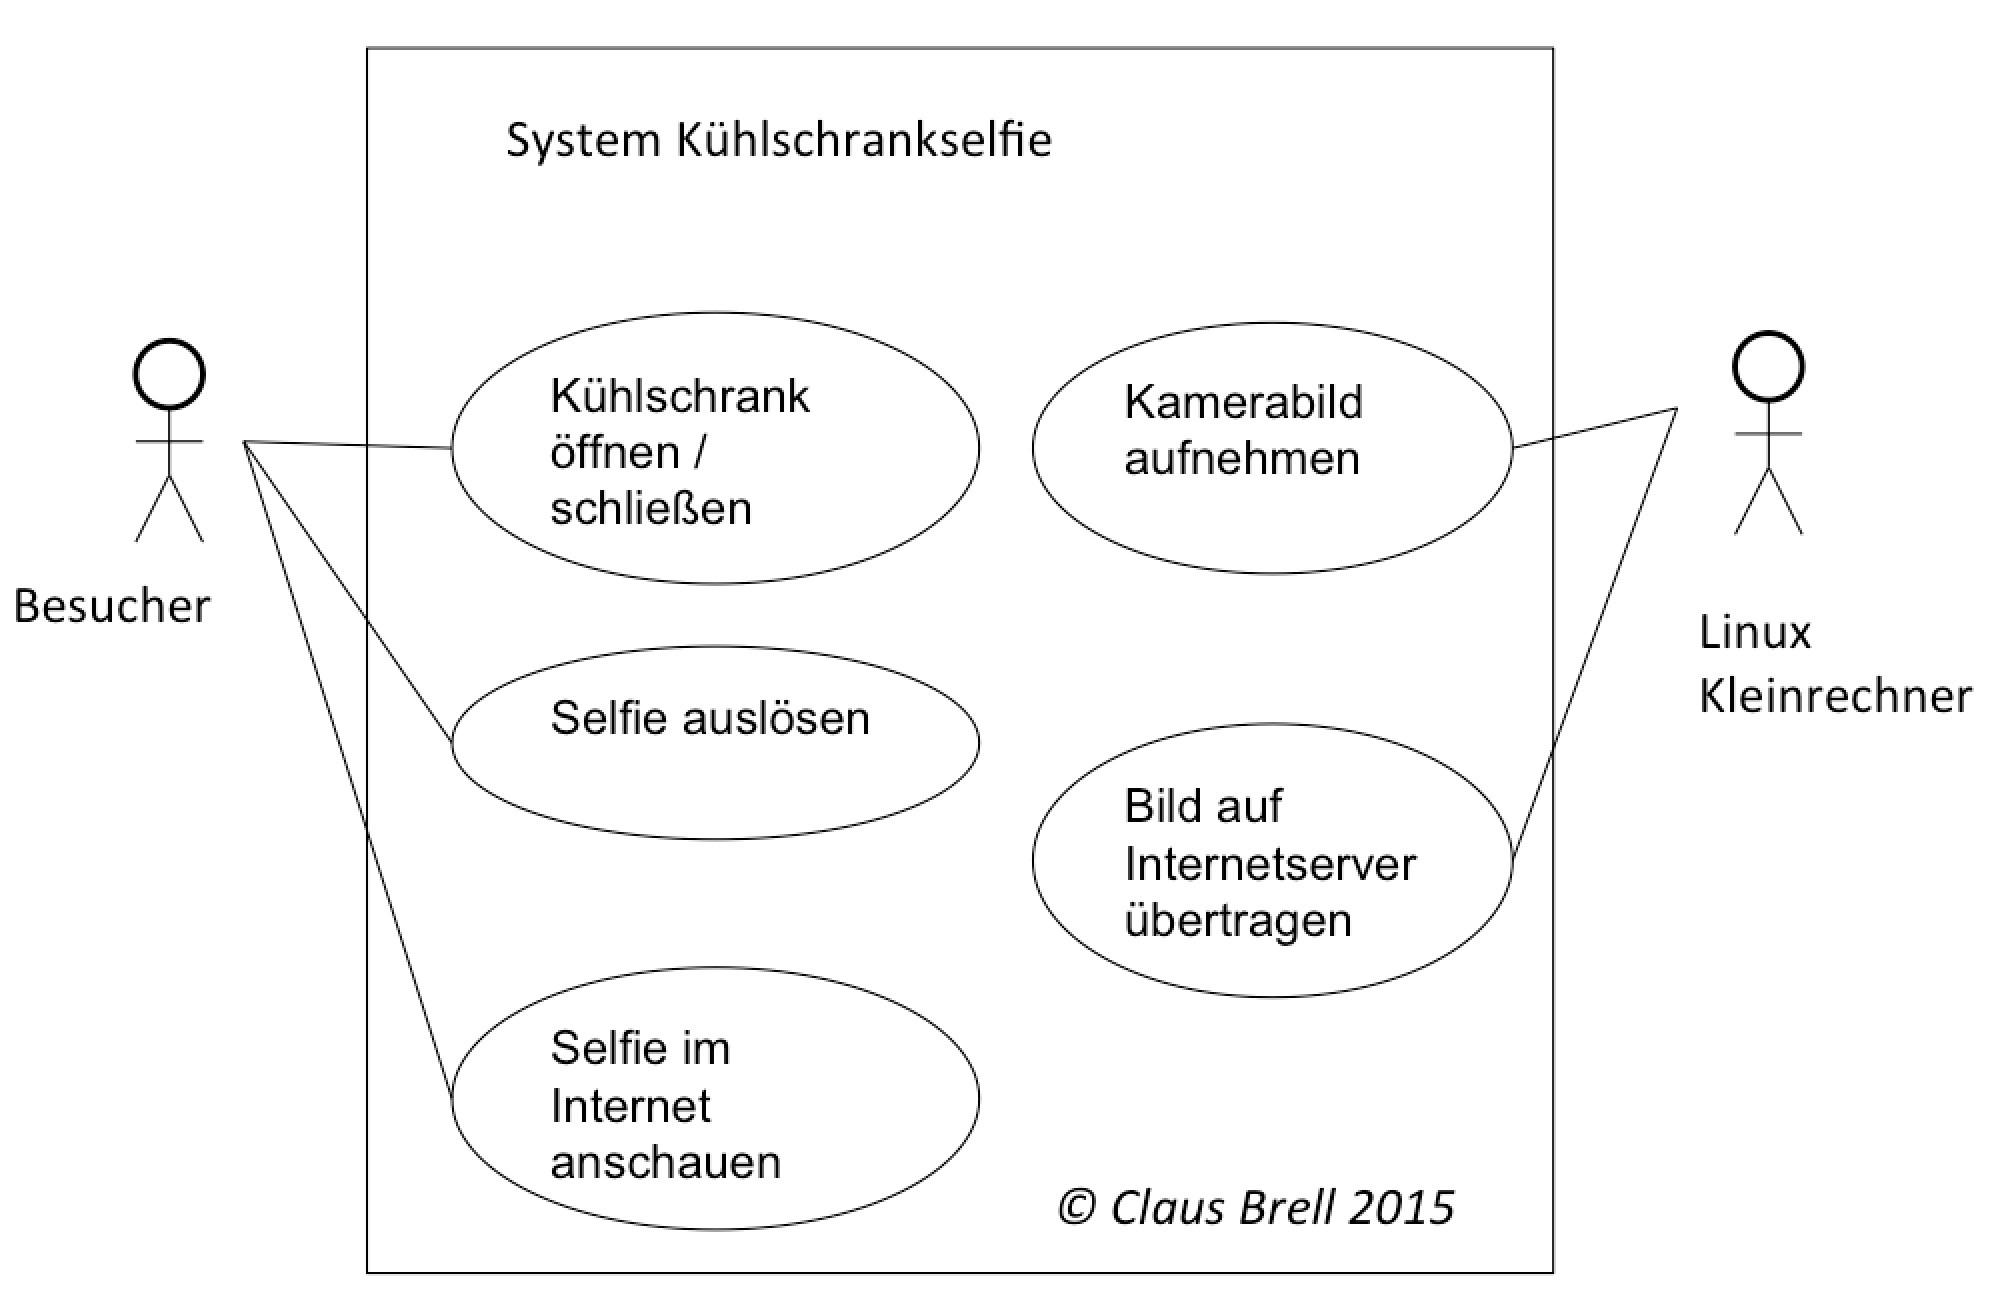 Niedlich Kühlschrank Draht Diagramm Bilder - Elektrische Schaltplan ...